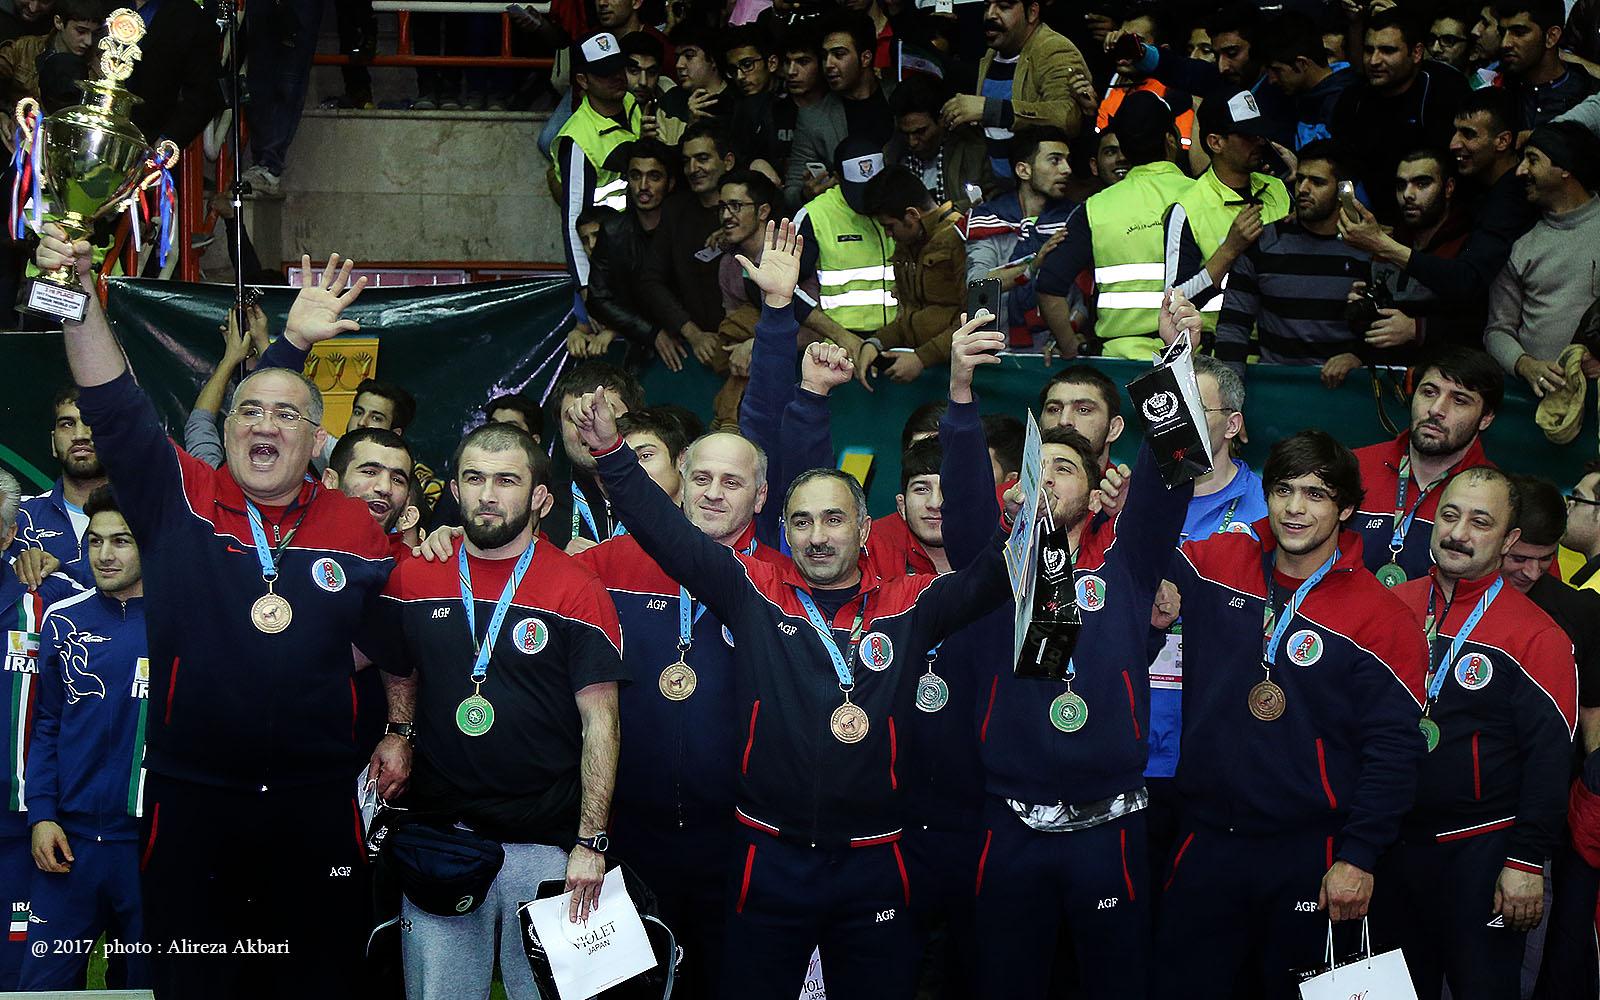 20 فریم از روز آخر جام جهانی کشتی کرمانشاه